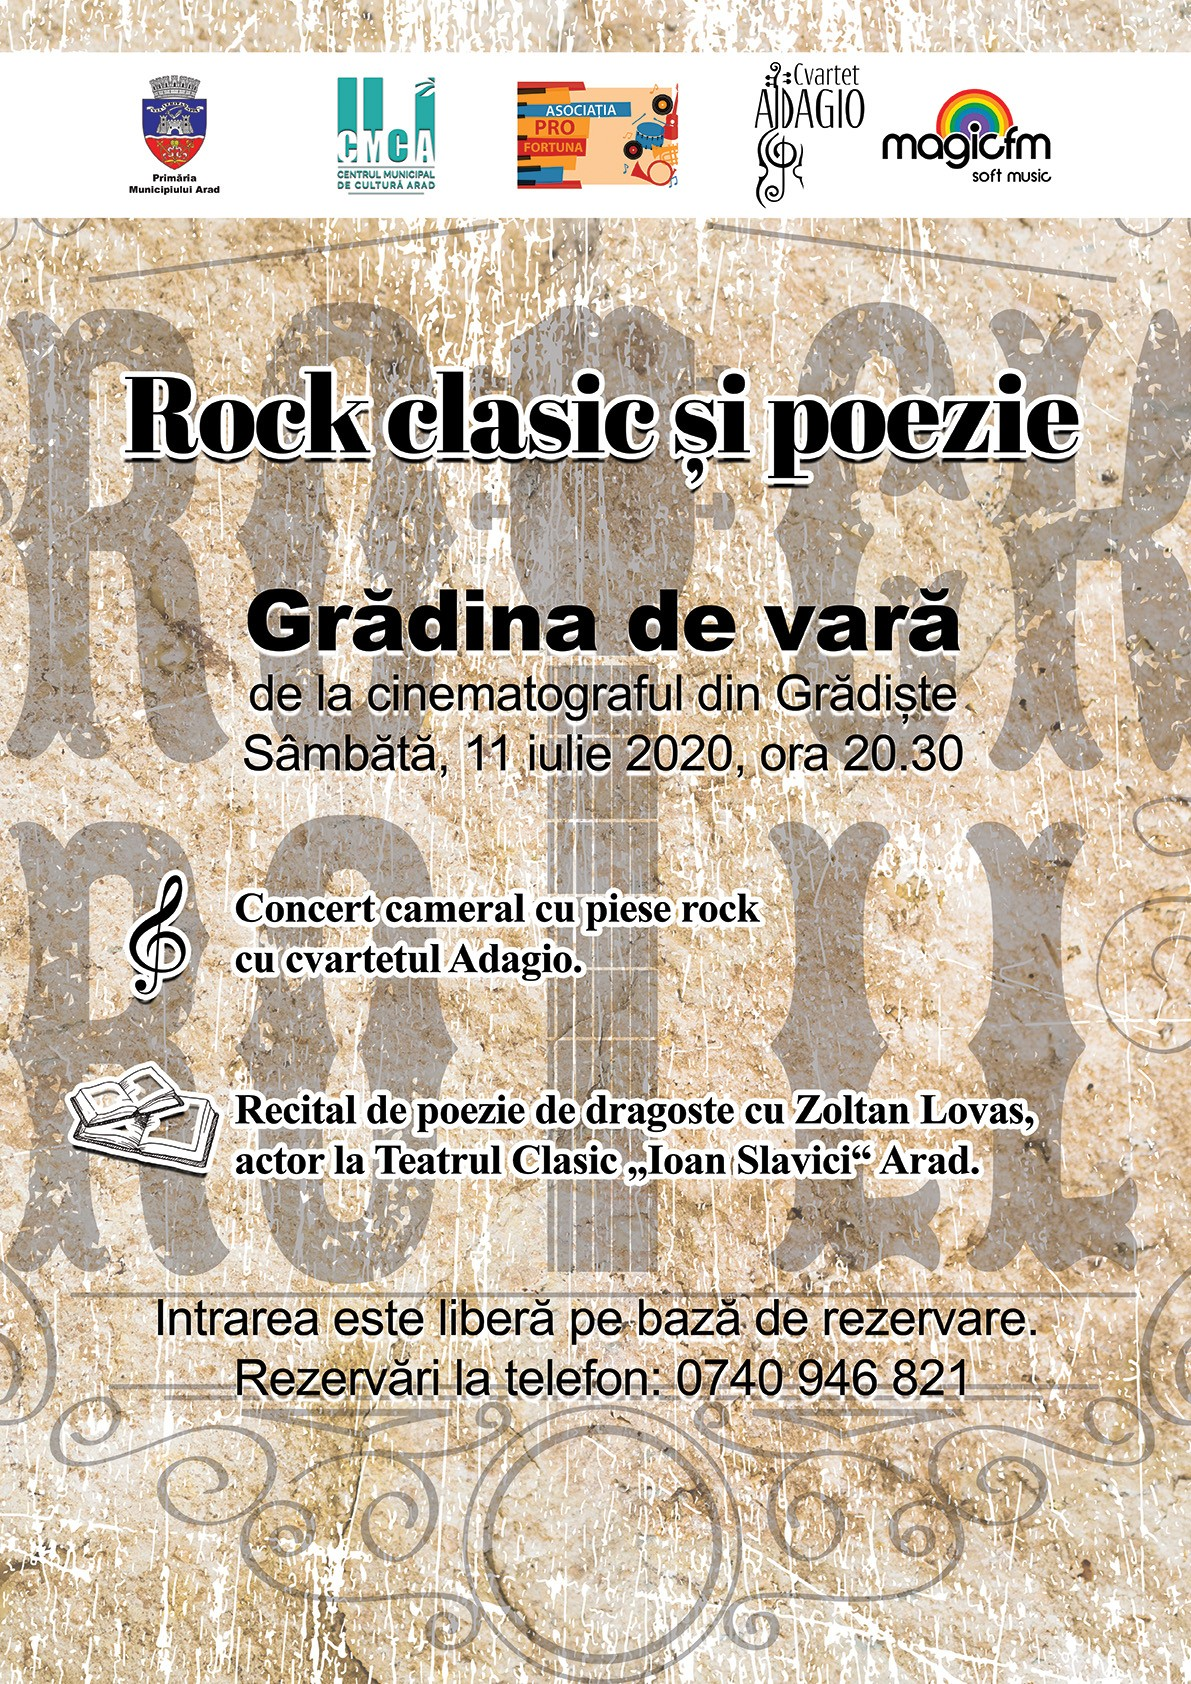 """""""Rock clasic și poezie""""  în grădina de vară de la cinematograful din Grădiște"""